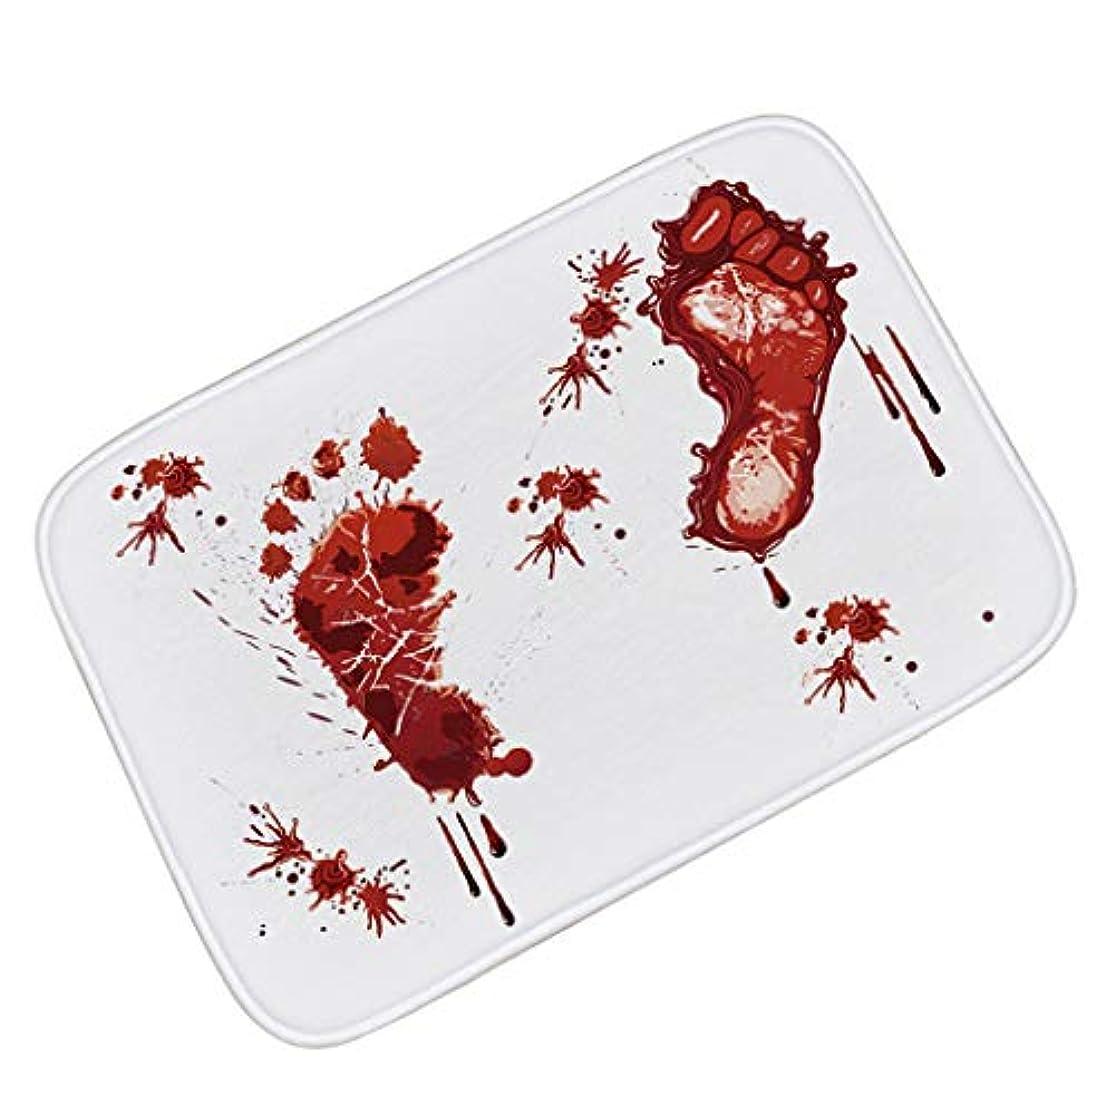 酔って肺法律ハロウィーンの装飾のマット、血の足跡のスリップ防止マットのホラー血まみれのドアのマット (Color : 50*80CM)